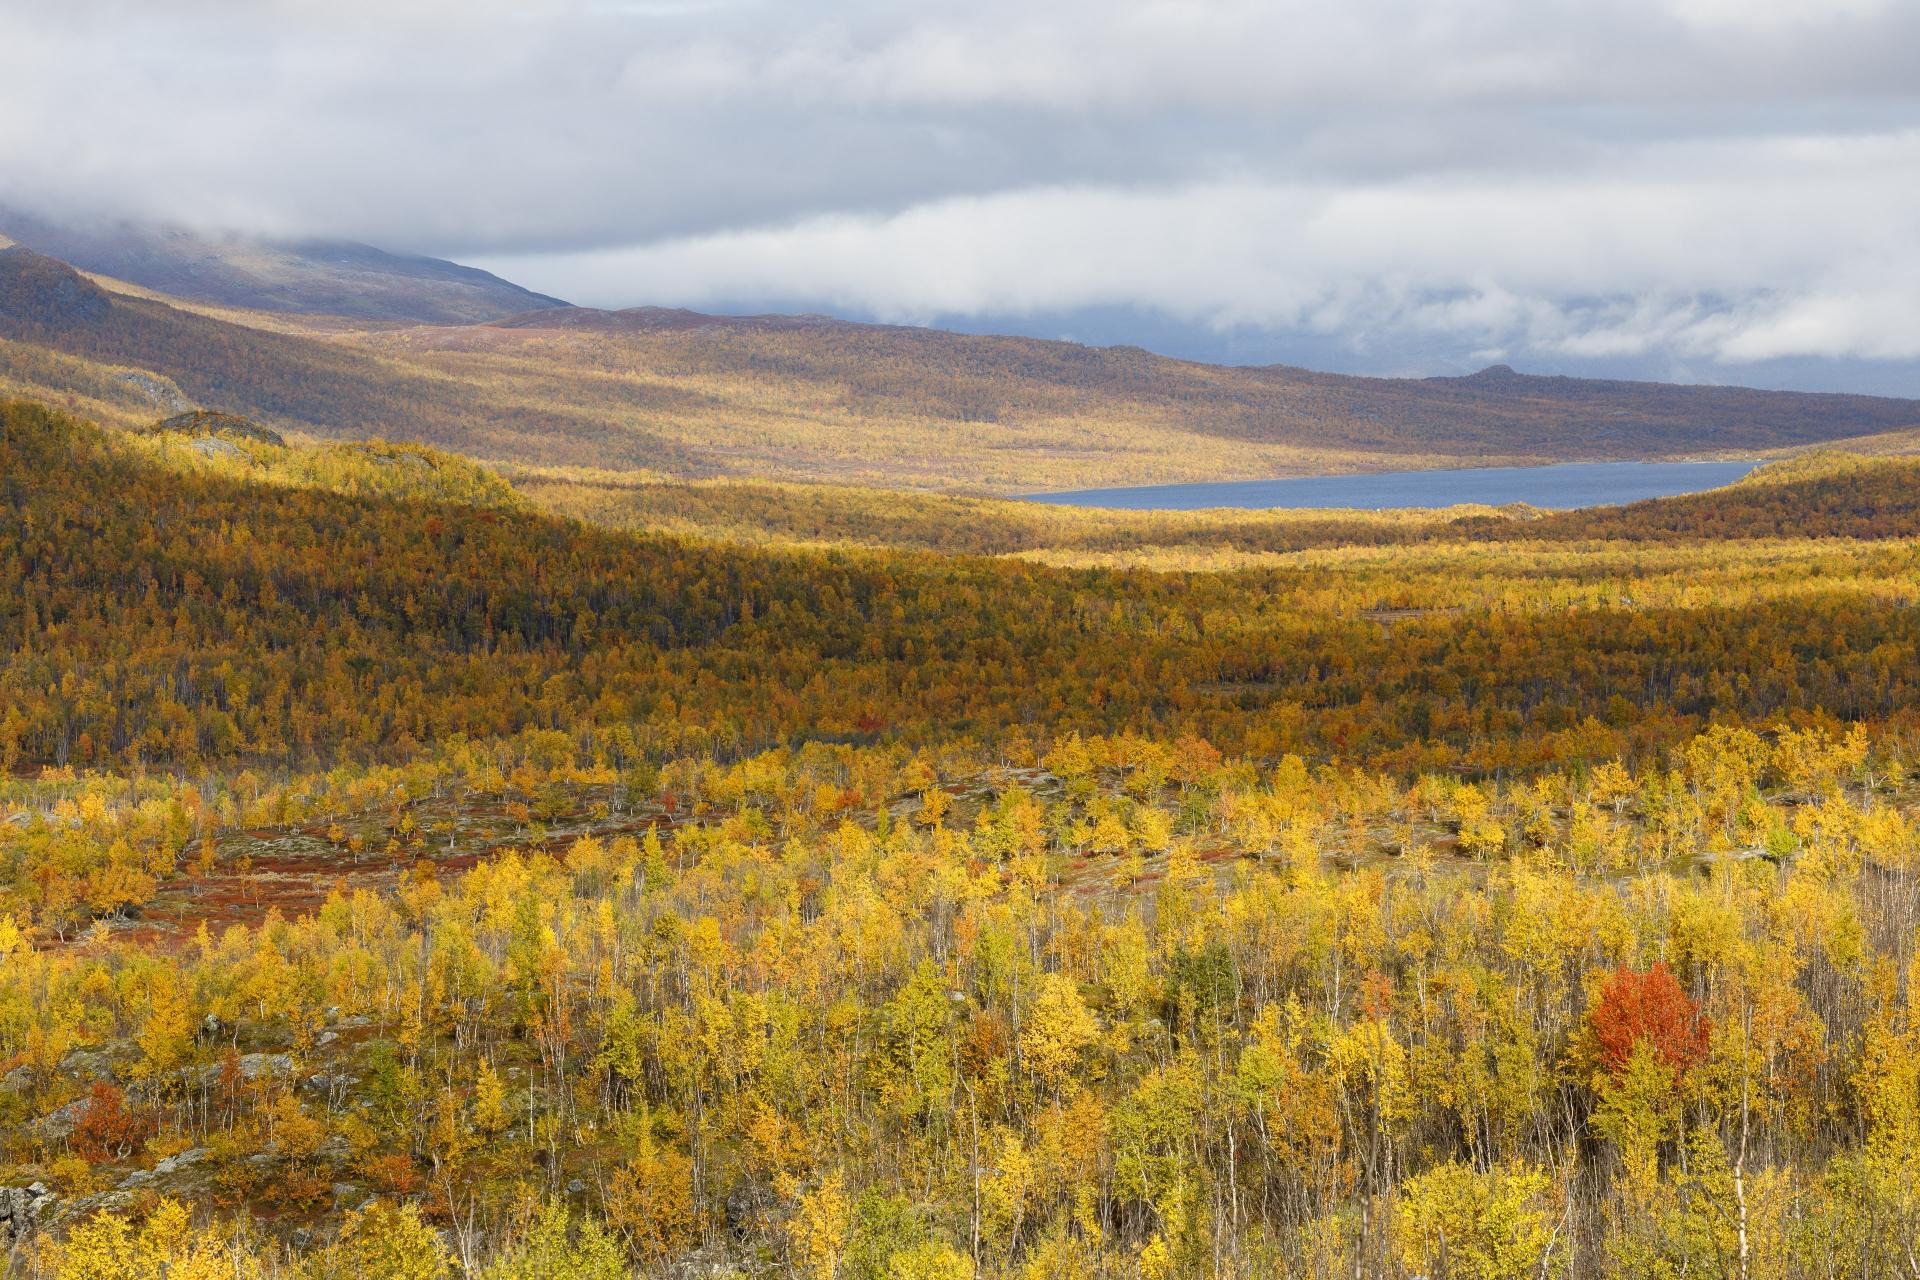 Ábeskojávri (Abiskojaure), fotografiert von der Sami-Siedlung Rovvidievvá